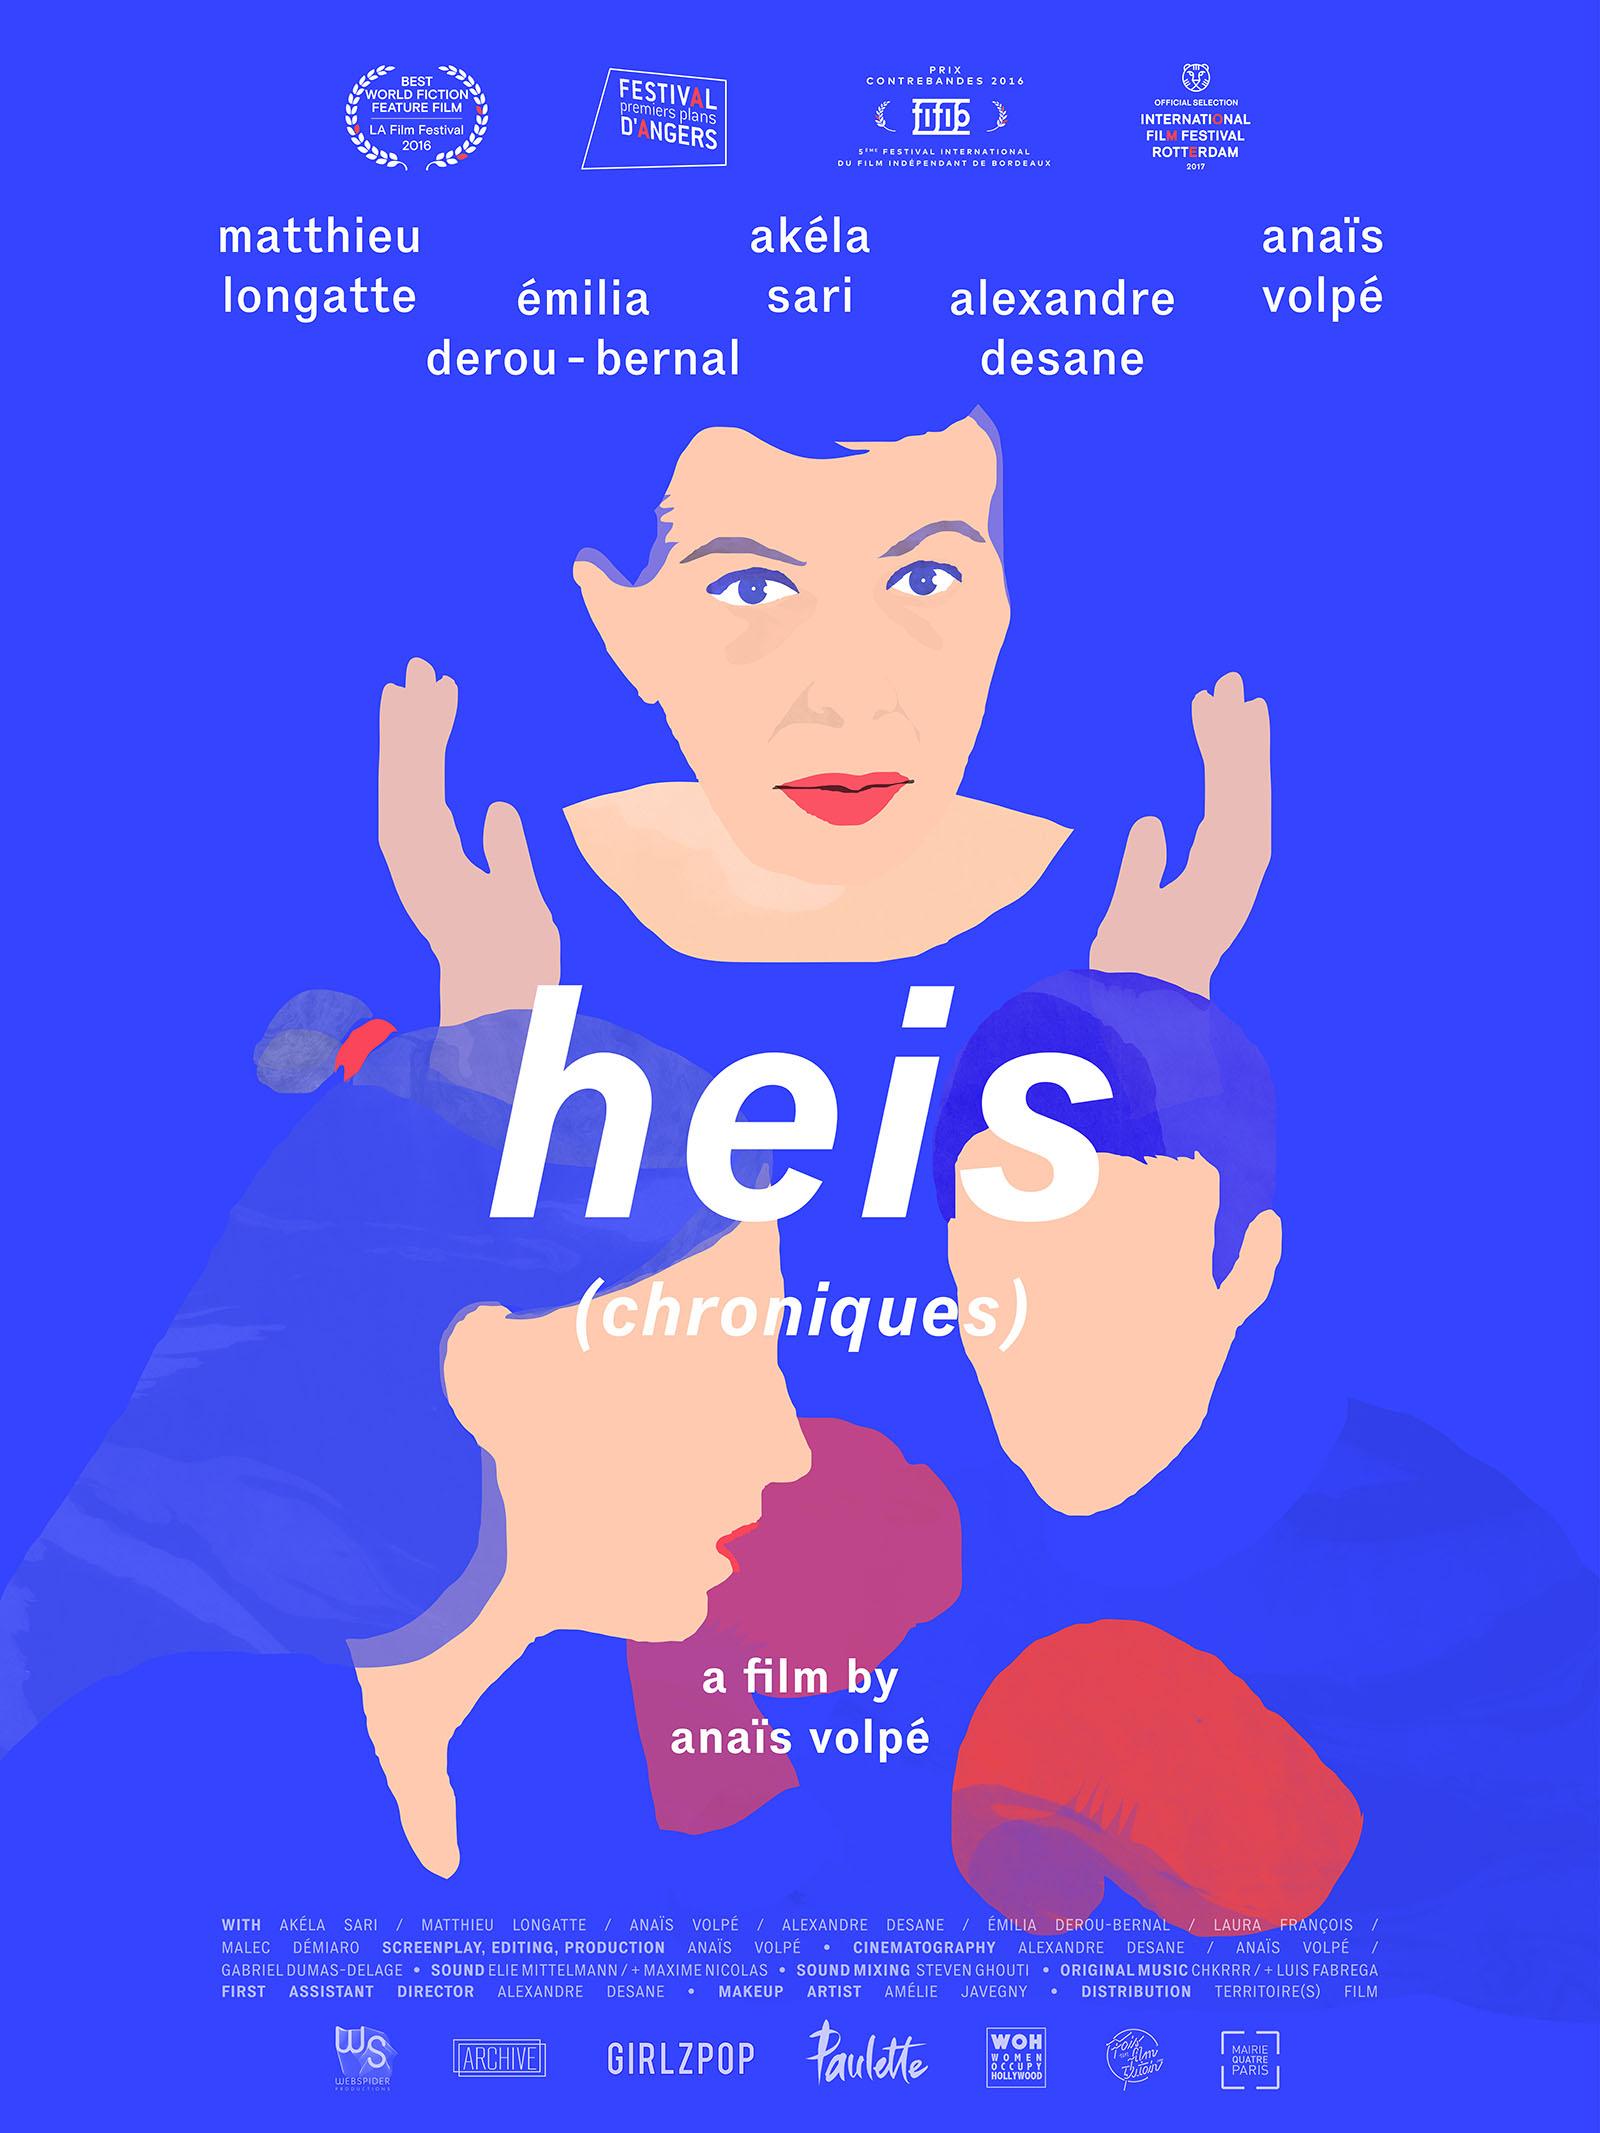 heis chroniques, a film by anais volpe